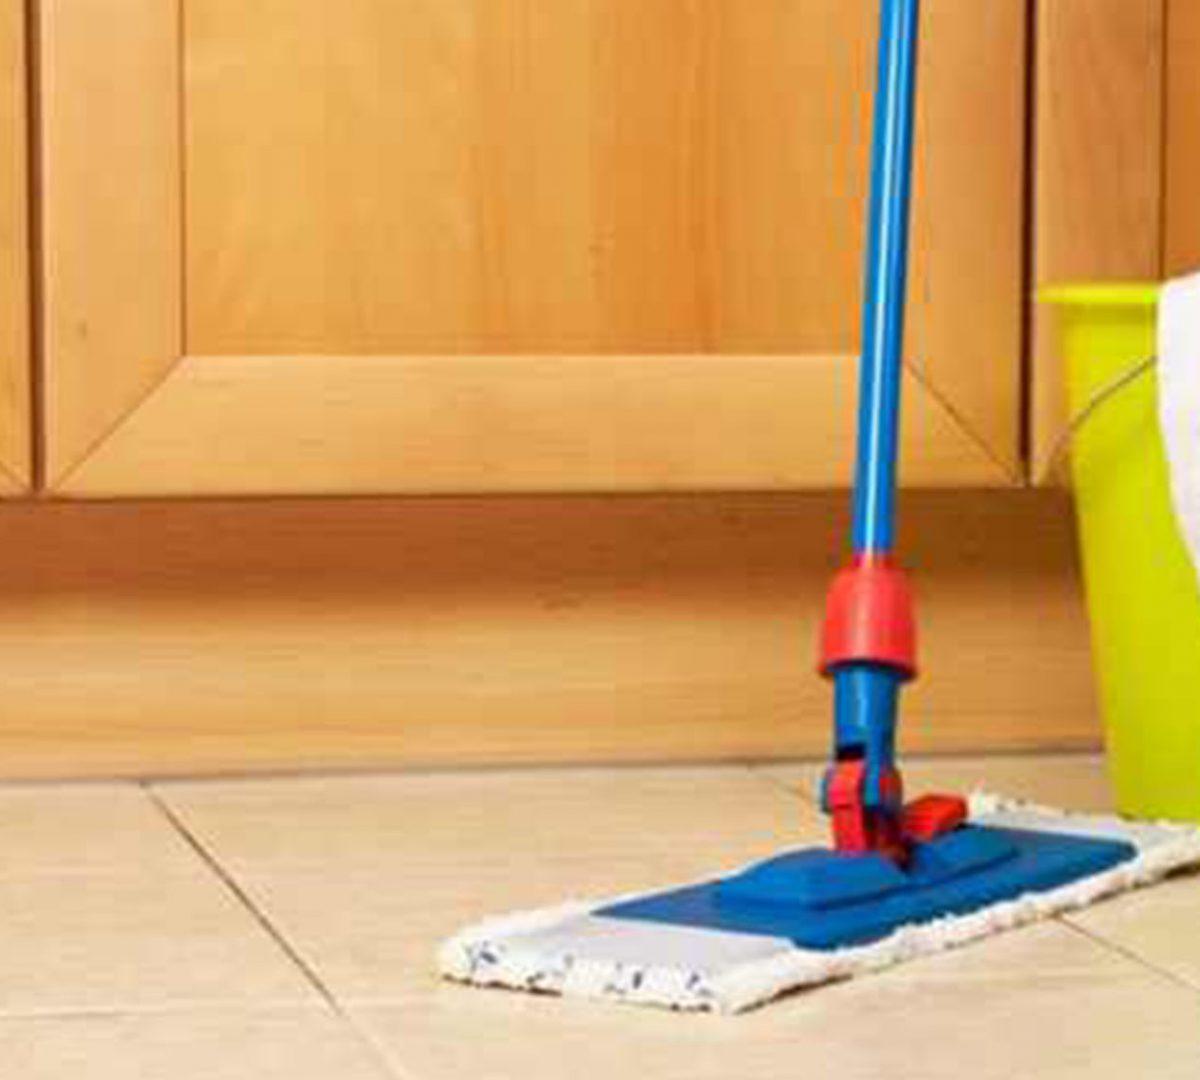 تمیز کردن کاشی و سرامیک / جرم گیری کاشی